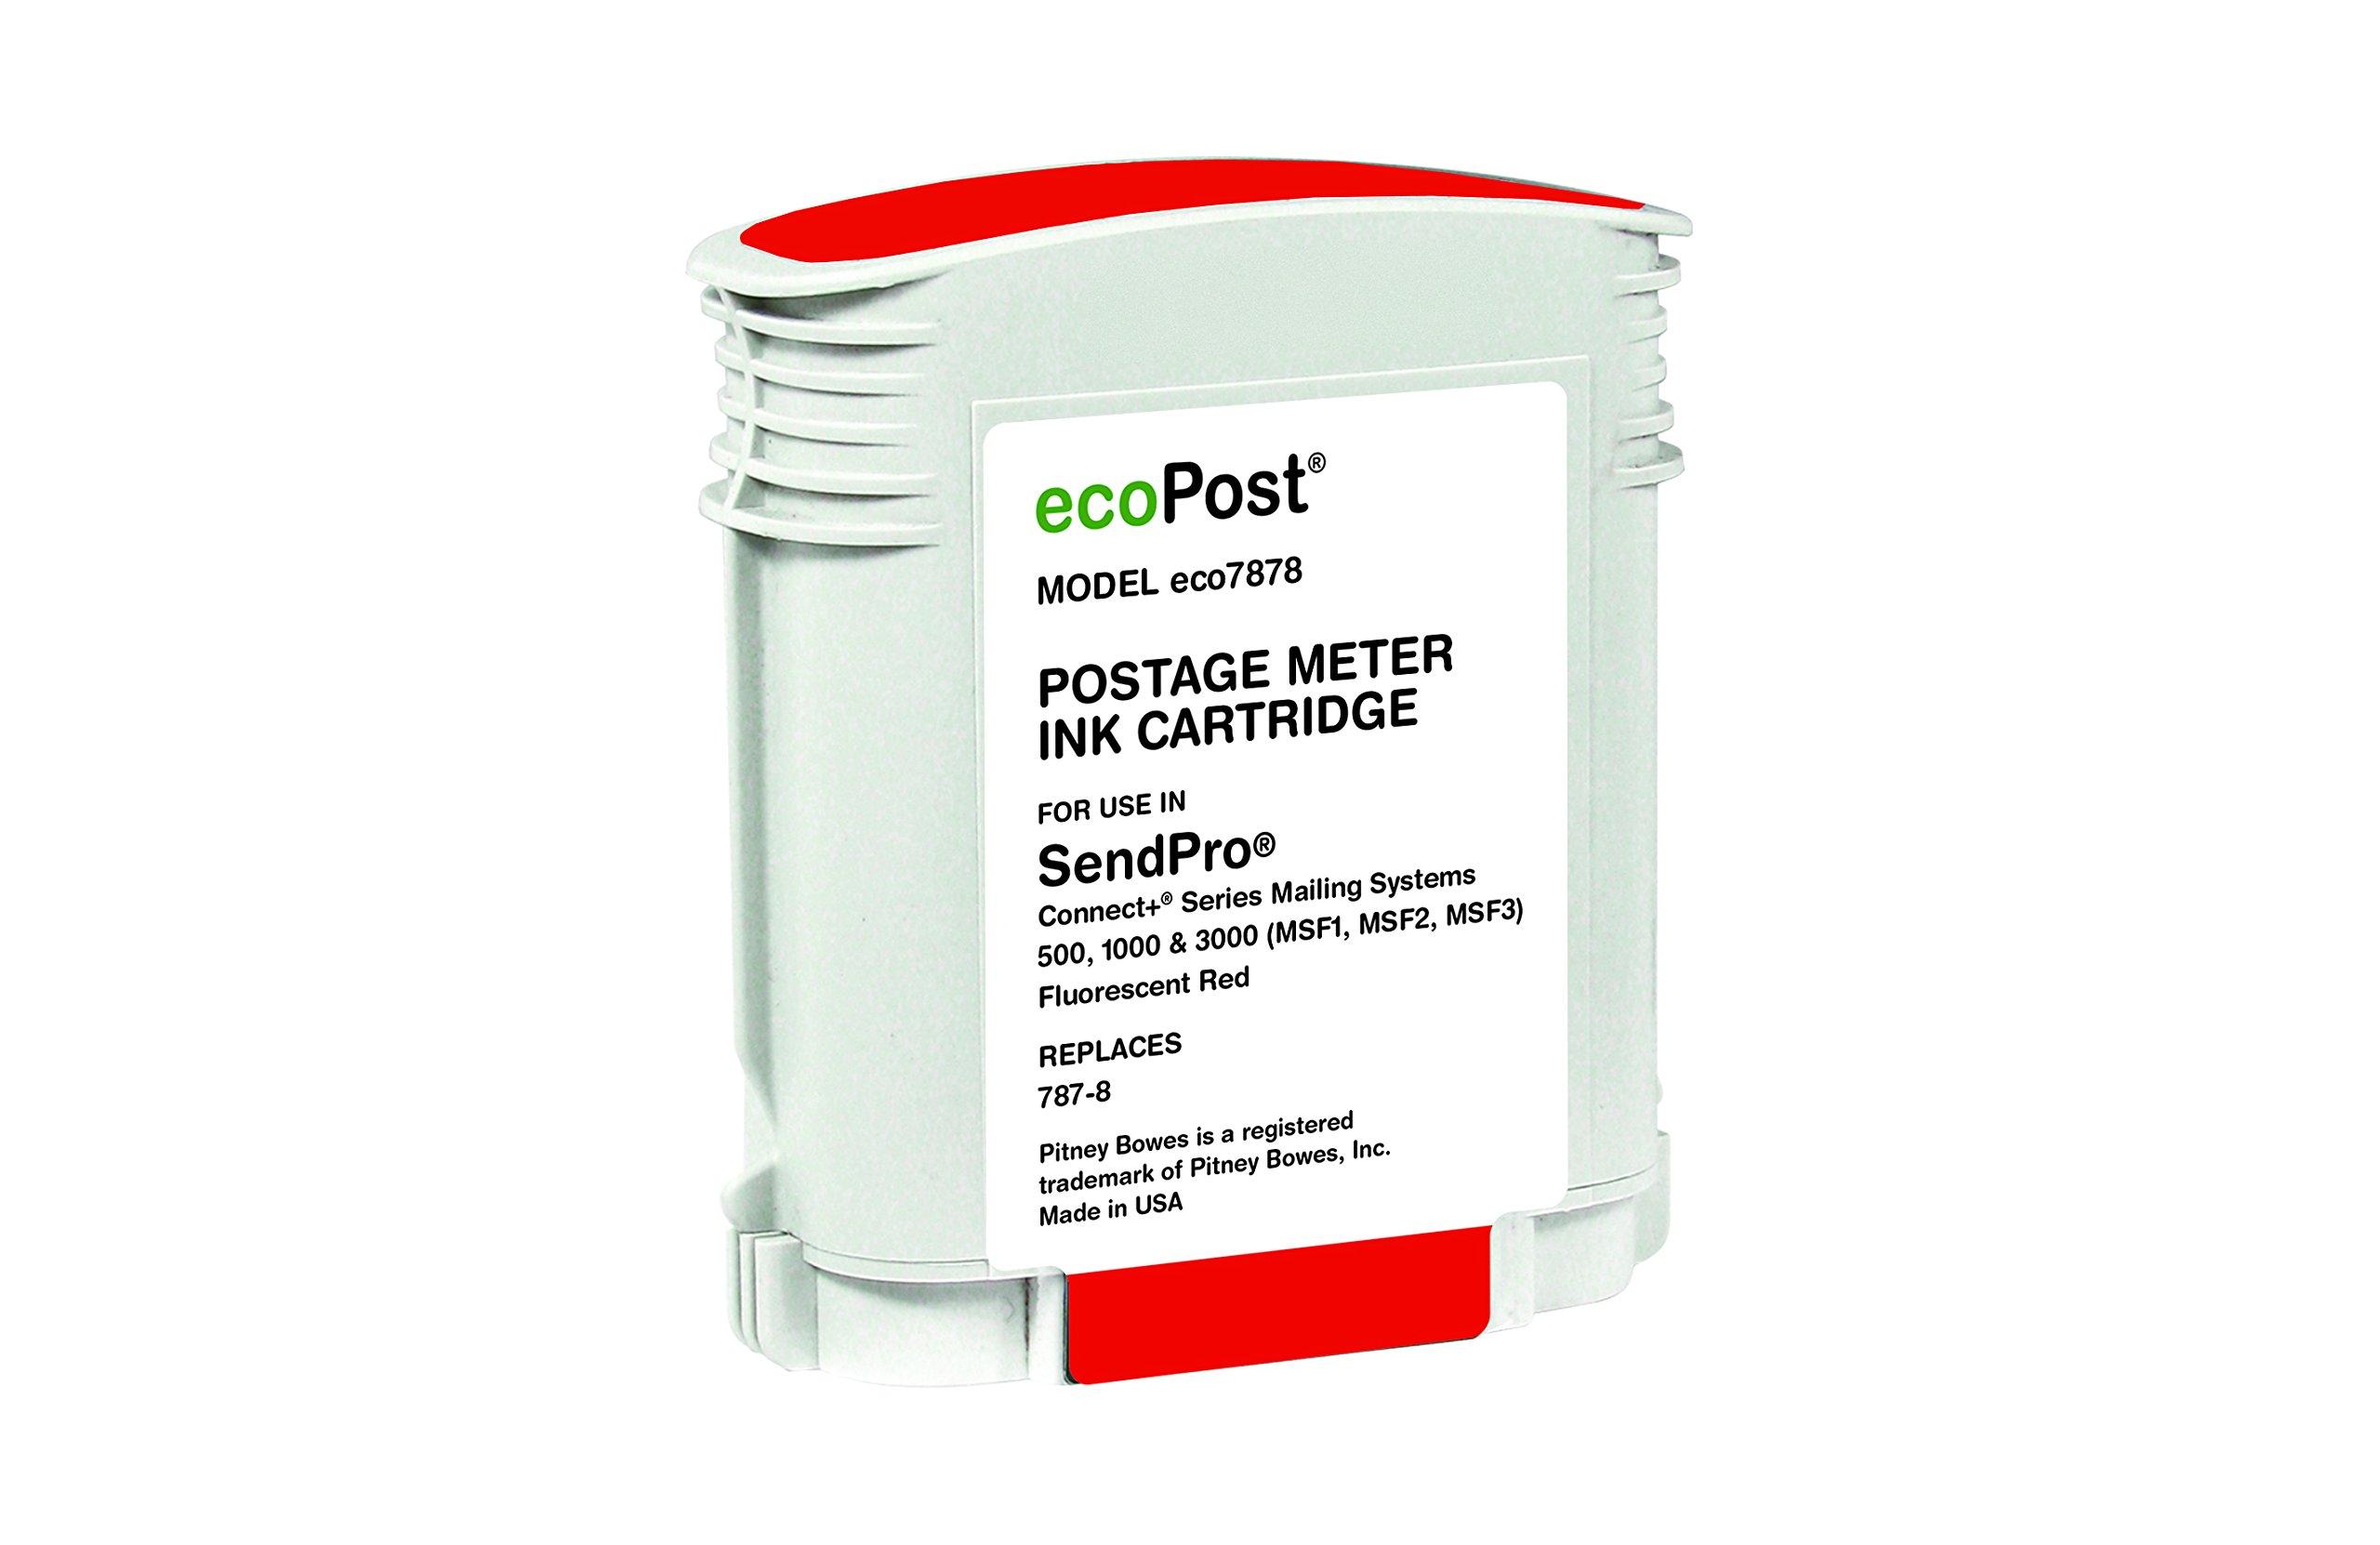 Ecopost 787-8 Postage Meter Ink Cartridge Red